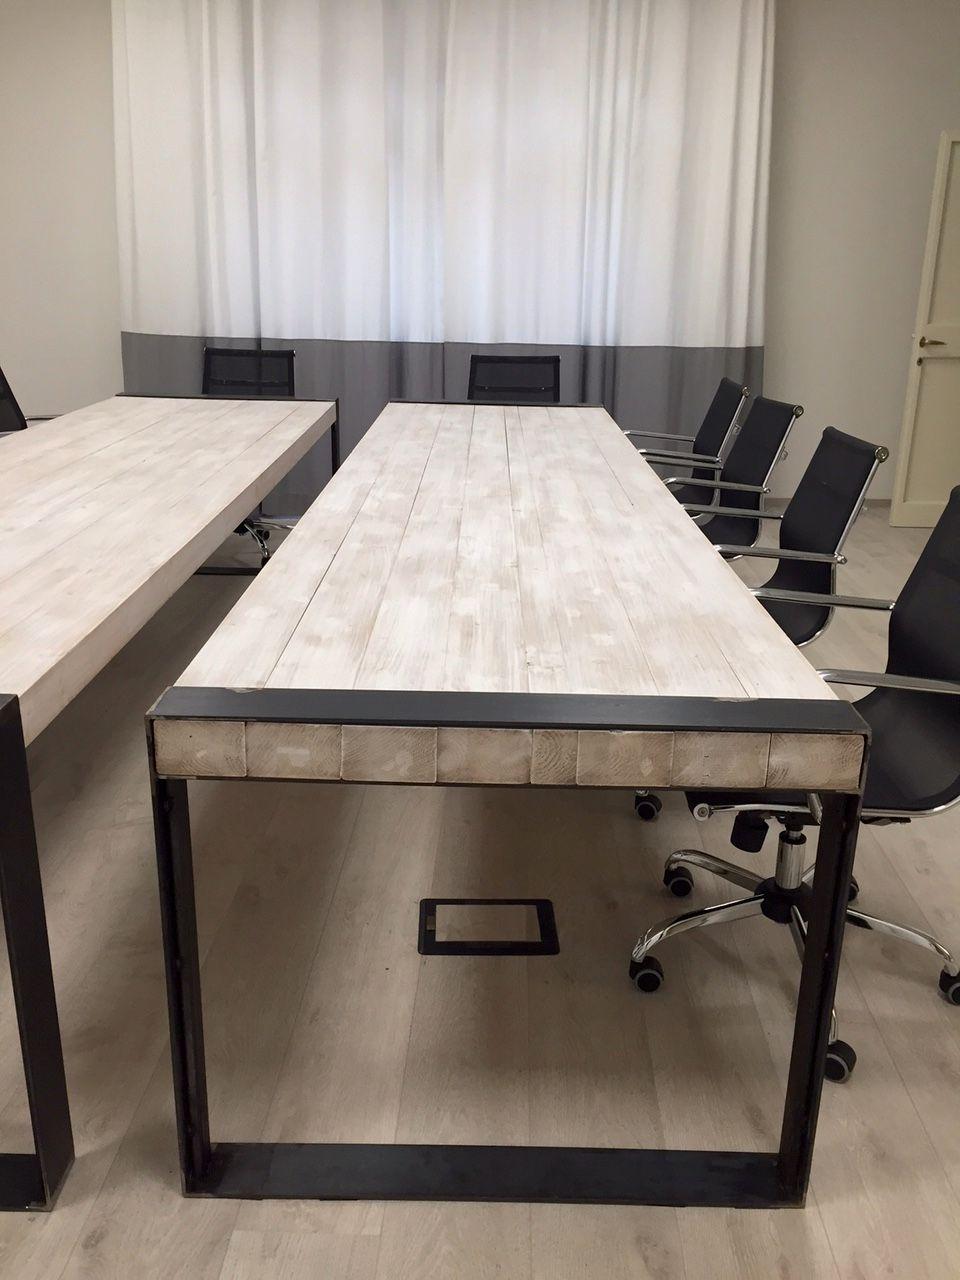 Tavolo riunioni gambi realizzati con cintura in ferro for Tavoli in legno e acciaio